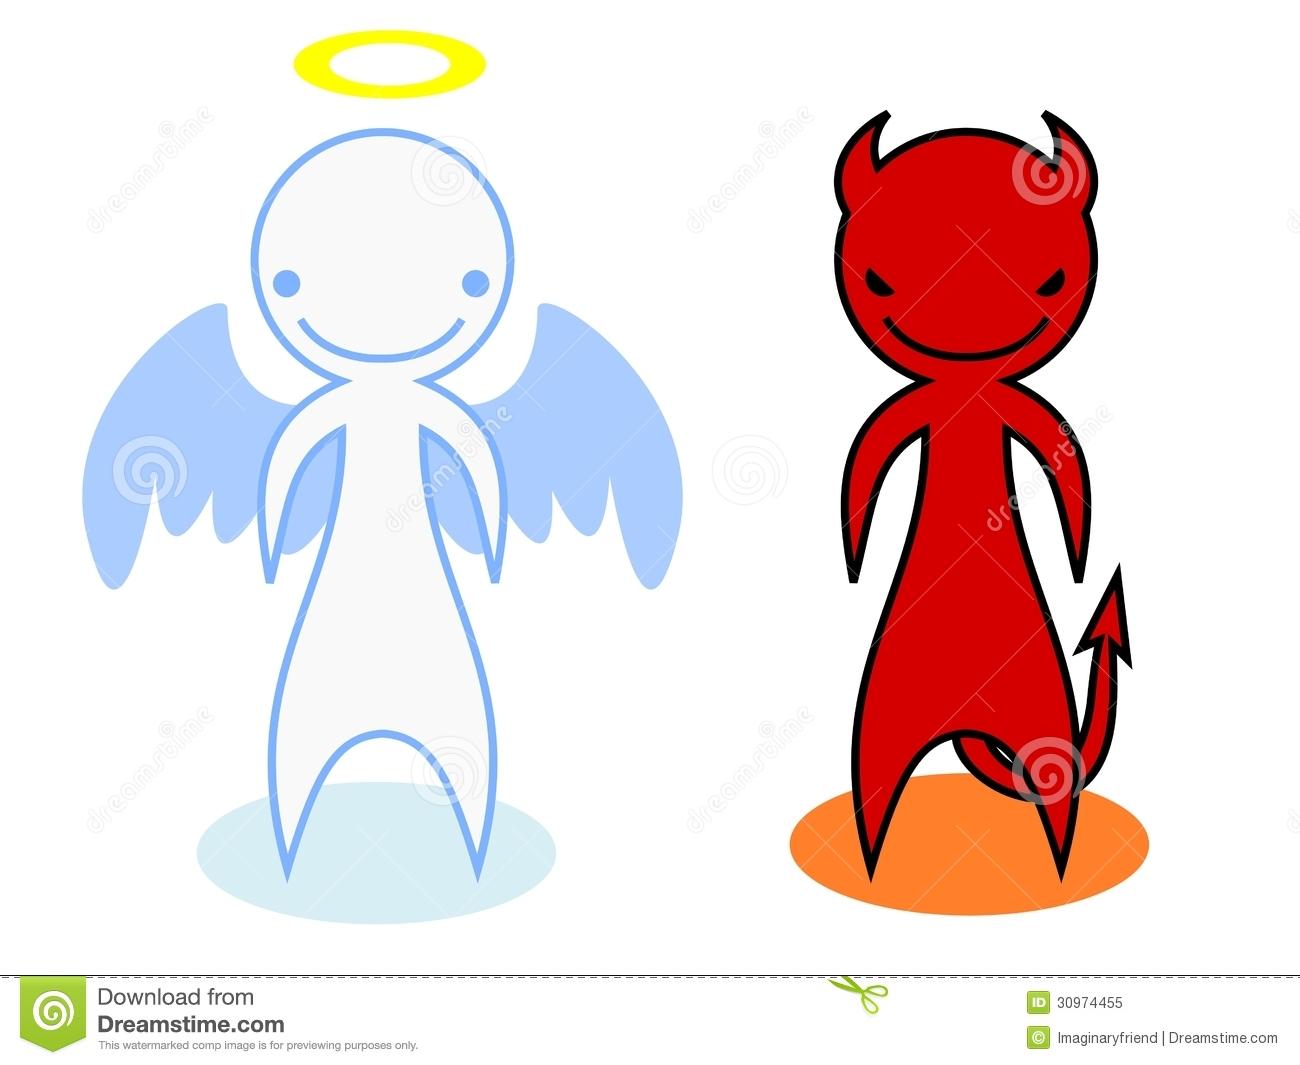 Angel vs devil clipart svg download Angel Vs Devil Stock Photos - Image: 21562873 svg download